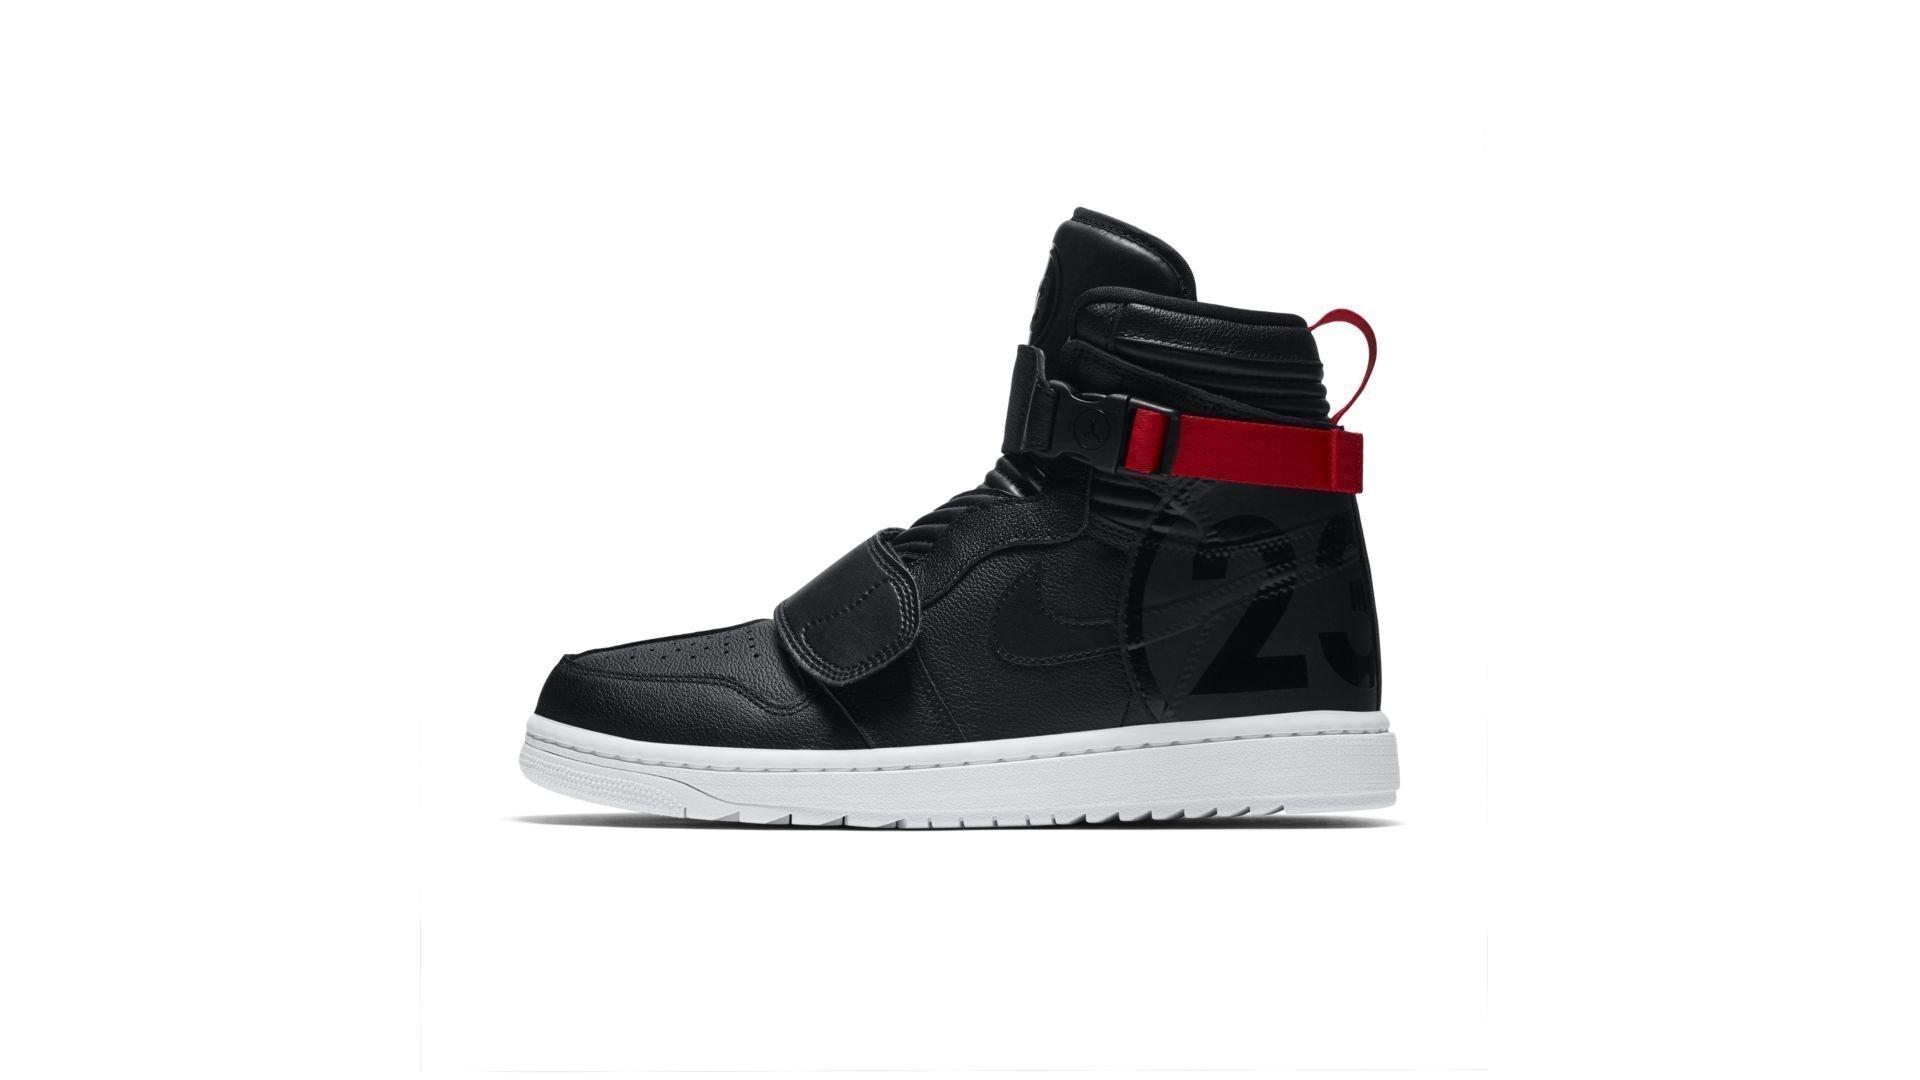 Jordan 1 Moto Black (AT3146-001)